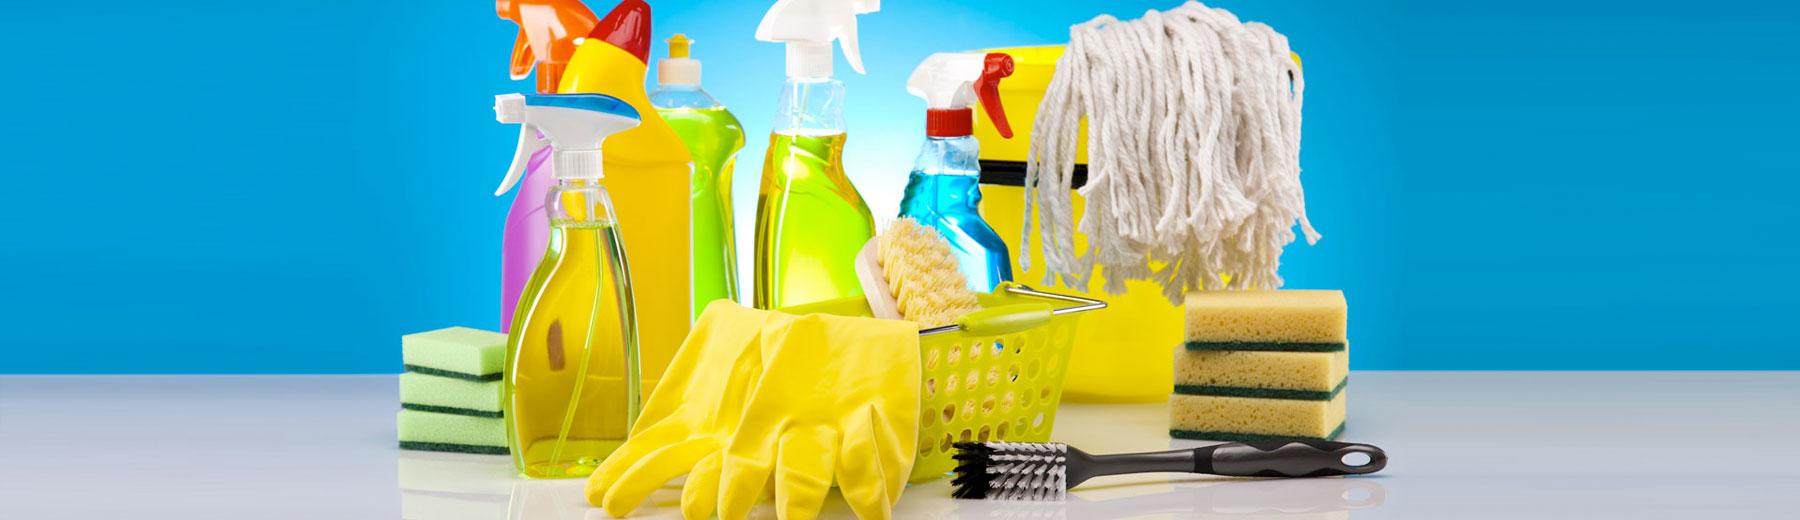 detergenti1